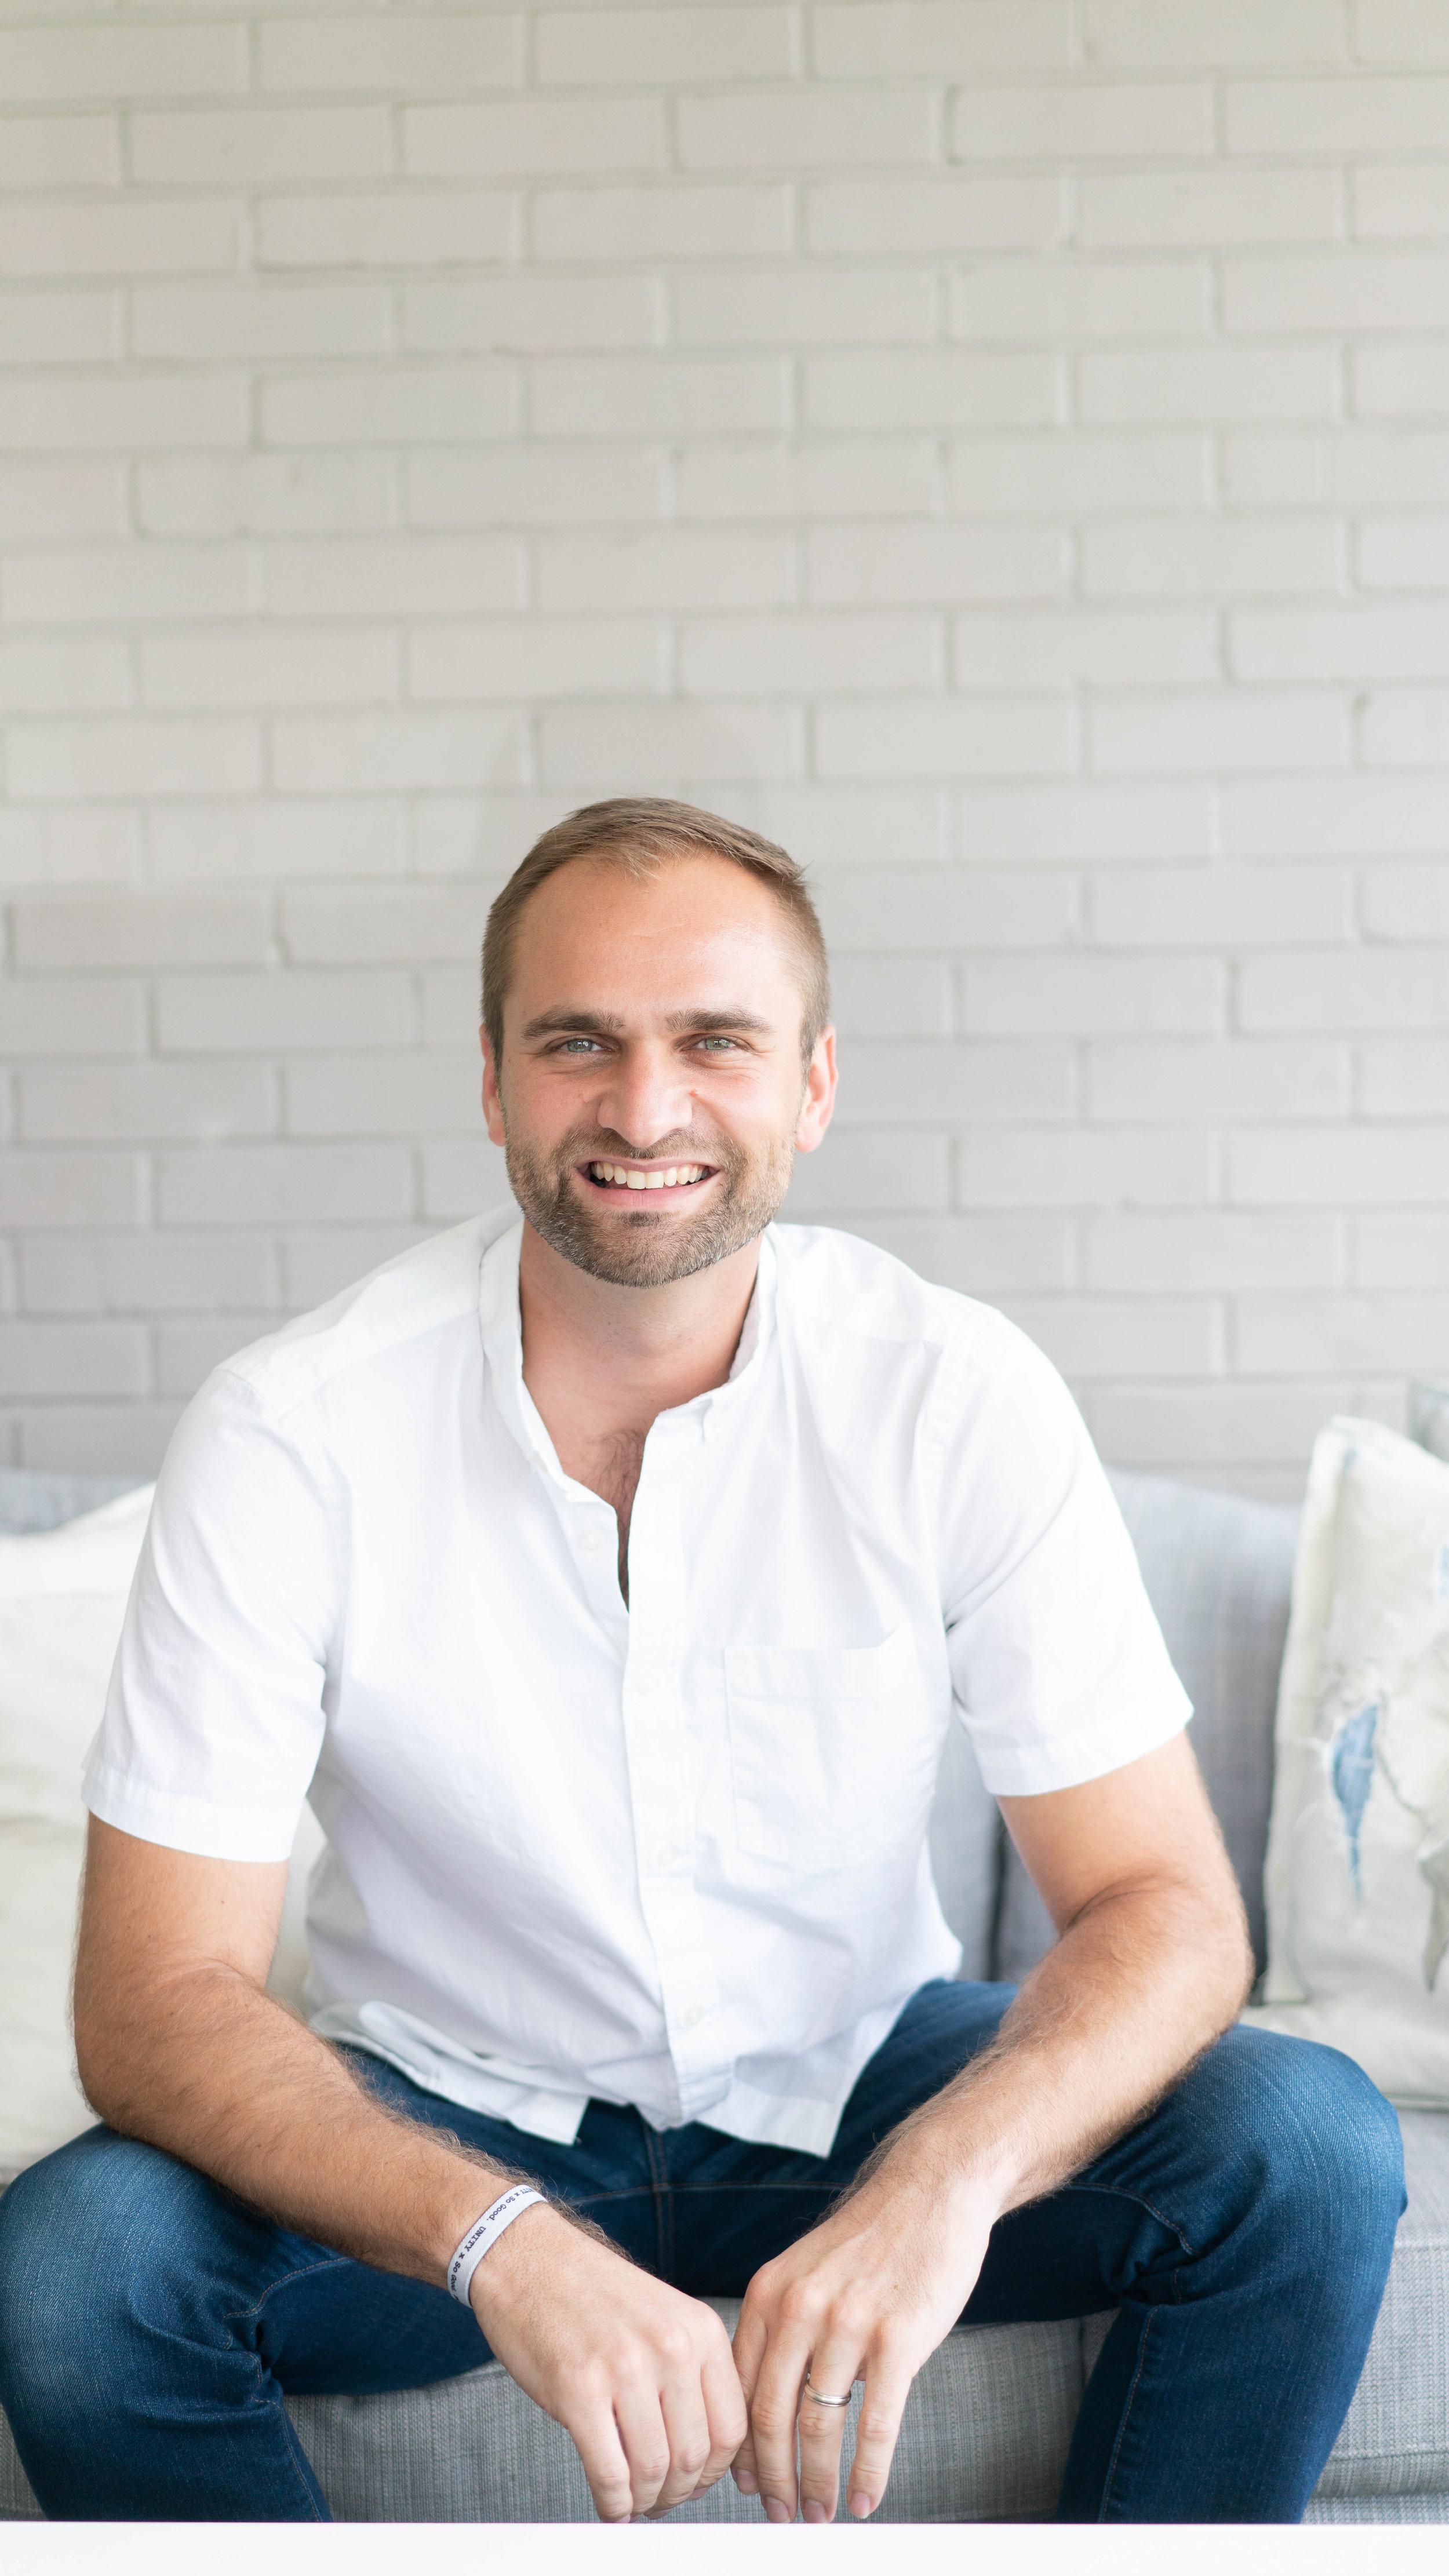 Lucas Ramirez